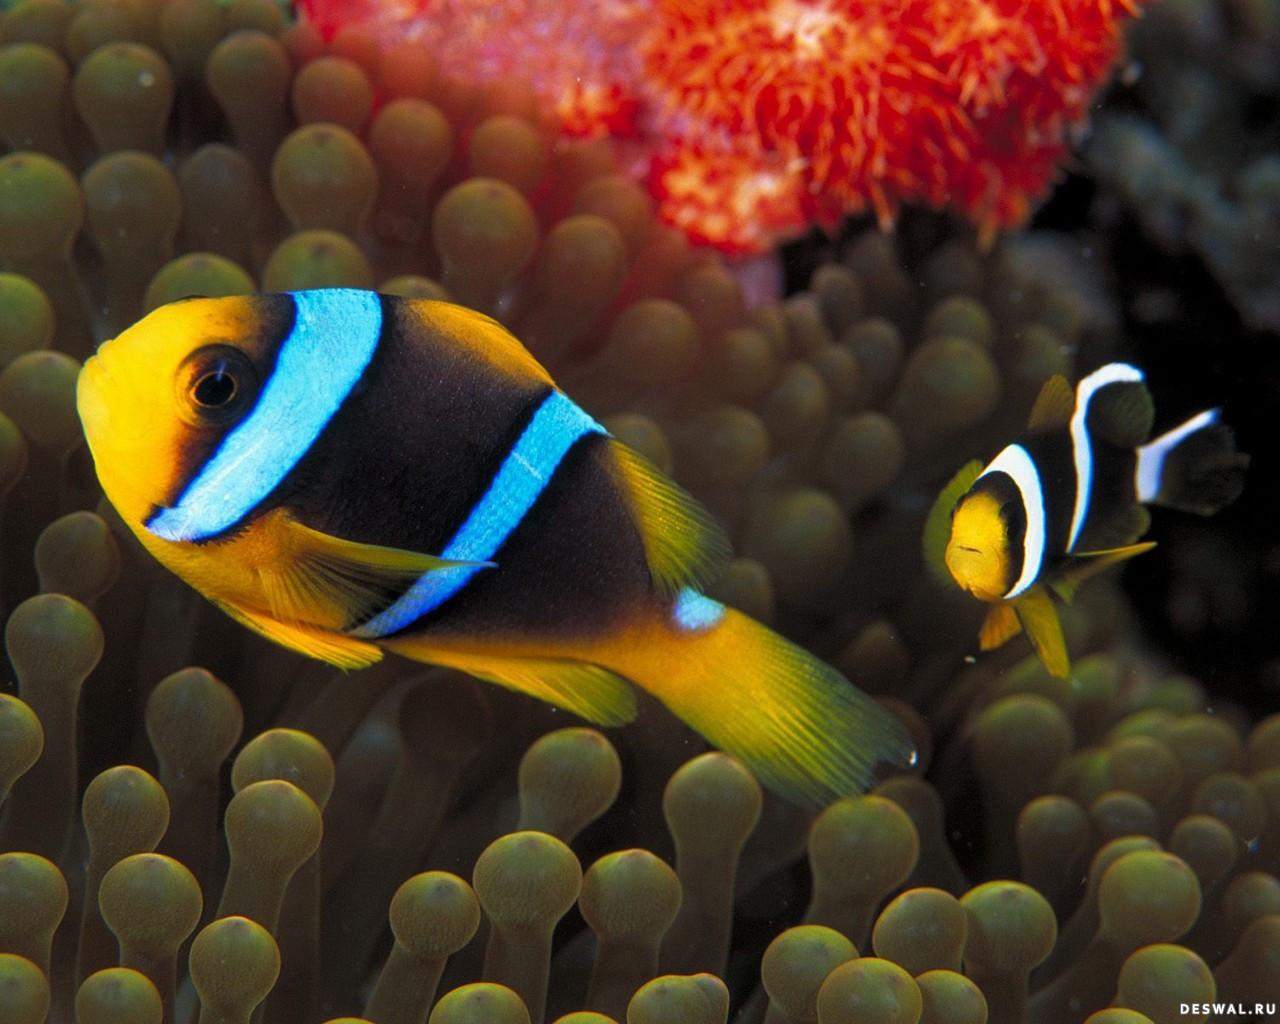 Фото 15. Нажмите на картинку с обоями подводного мира, чтобы просмотреть ее в реальном размере